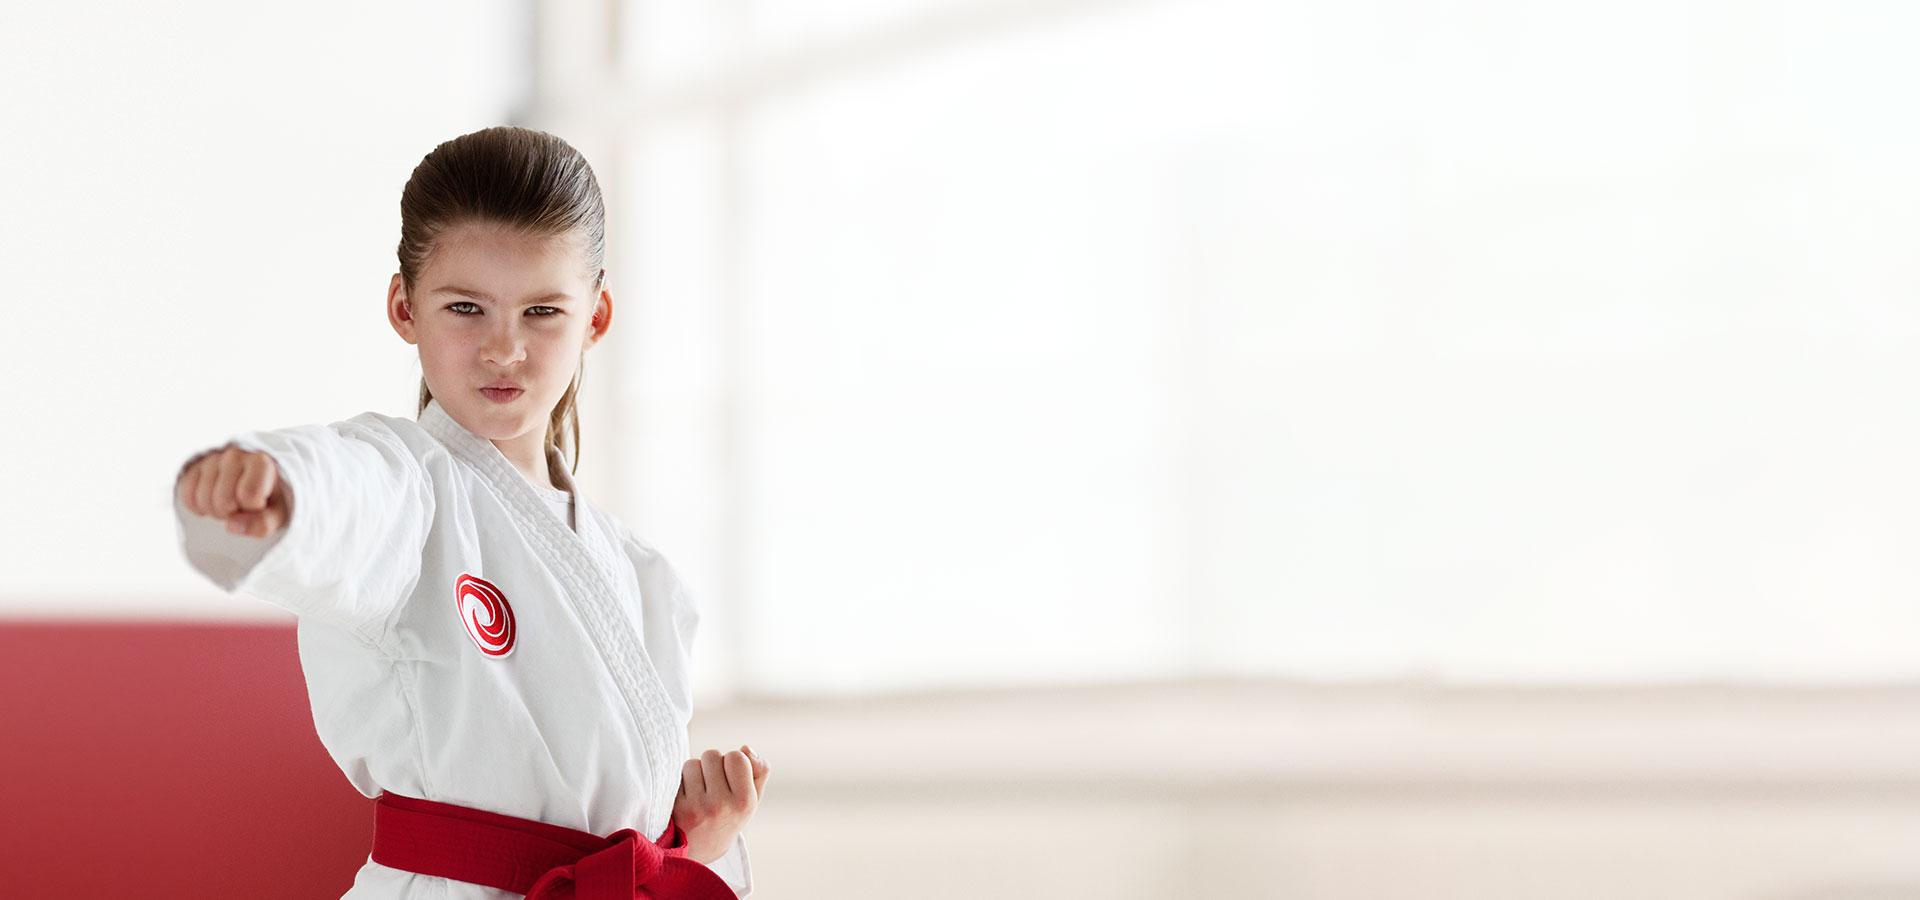 petite fille pratiquant le karaté